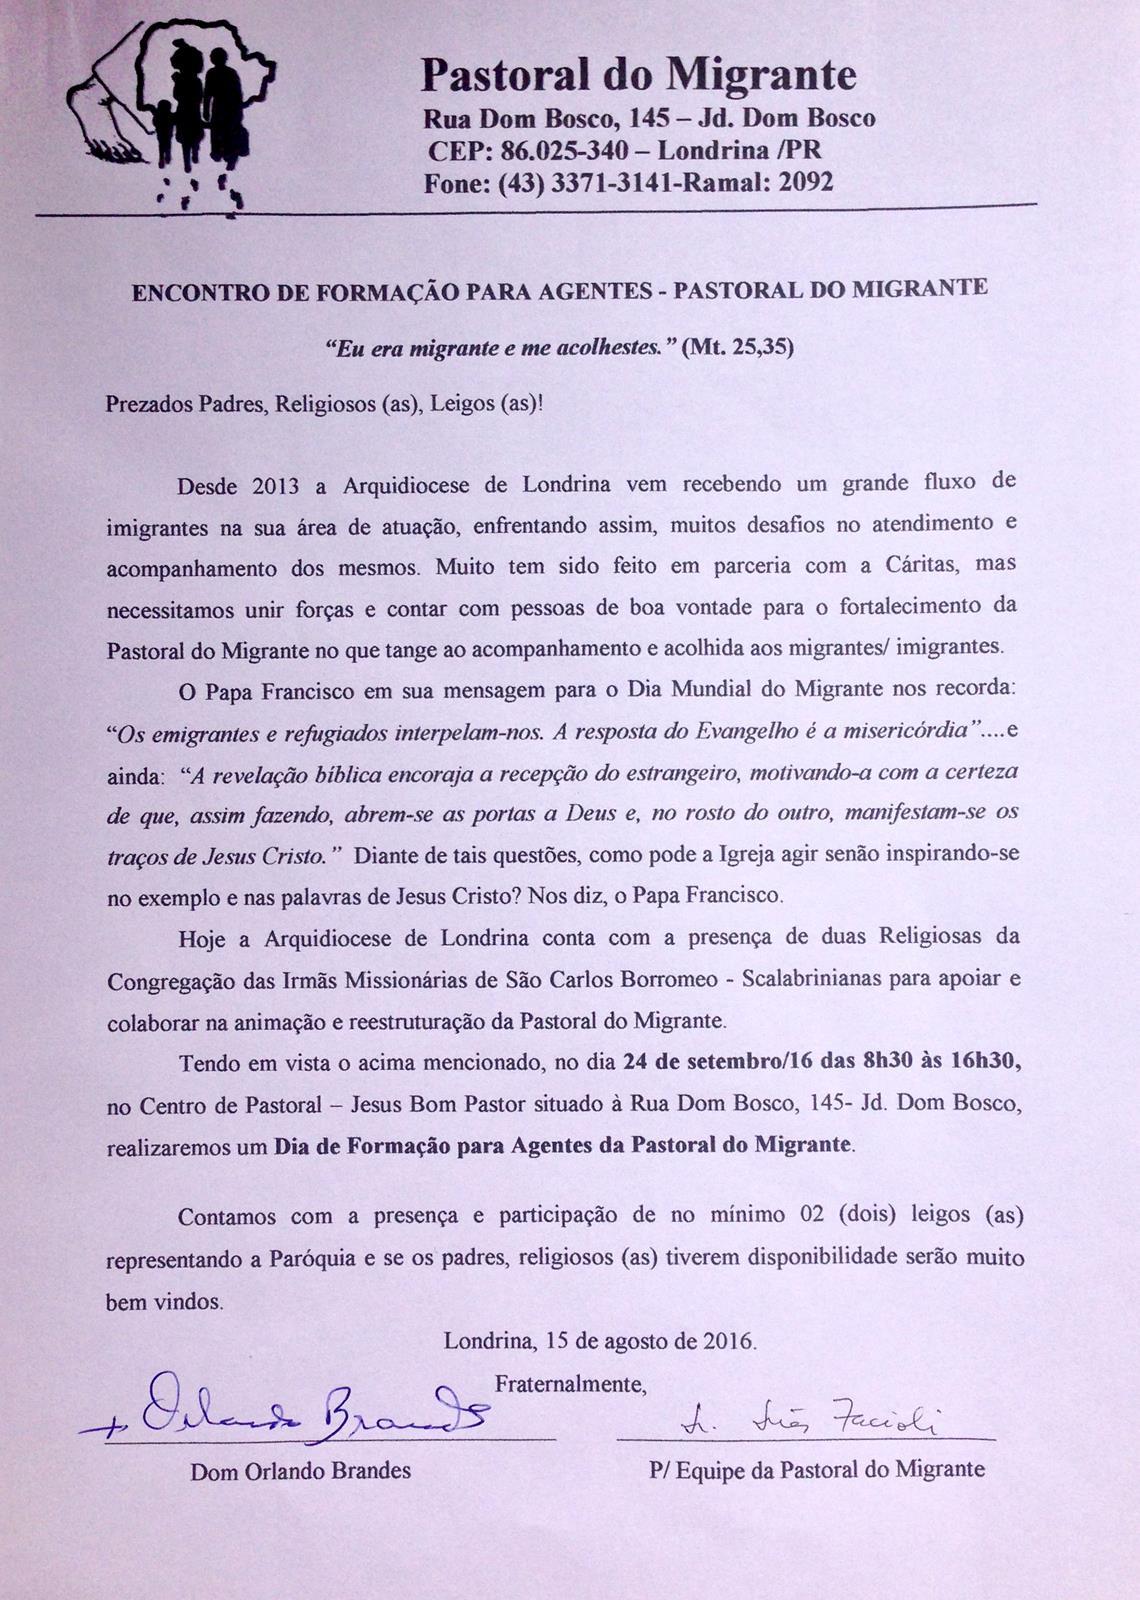 carta convite pastoral migrante